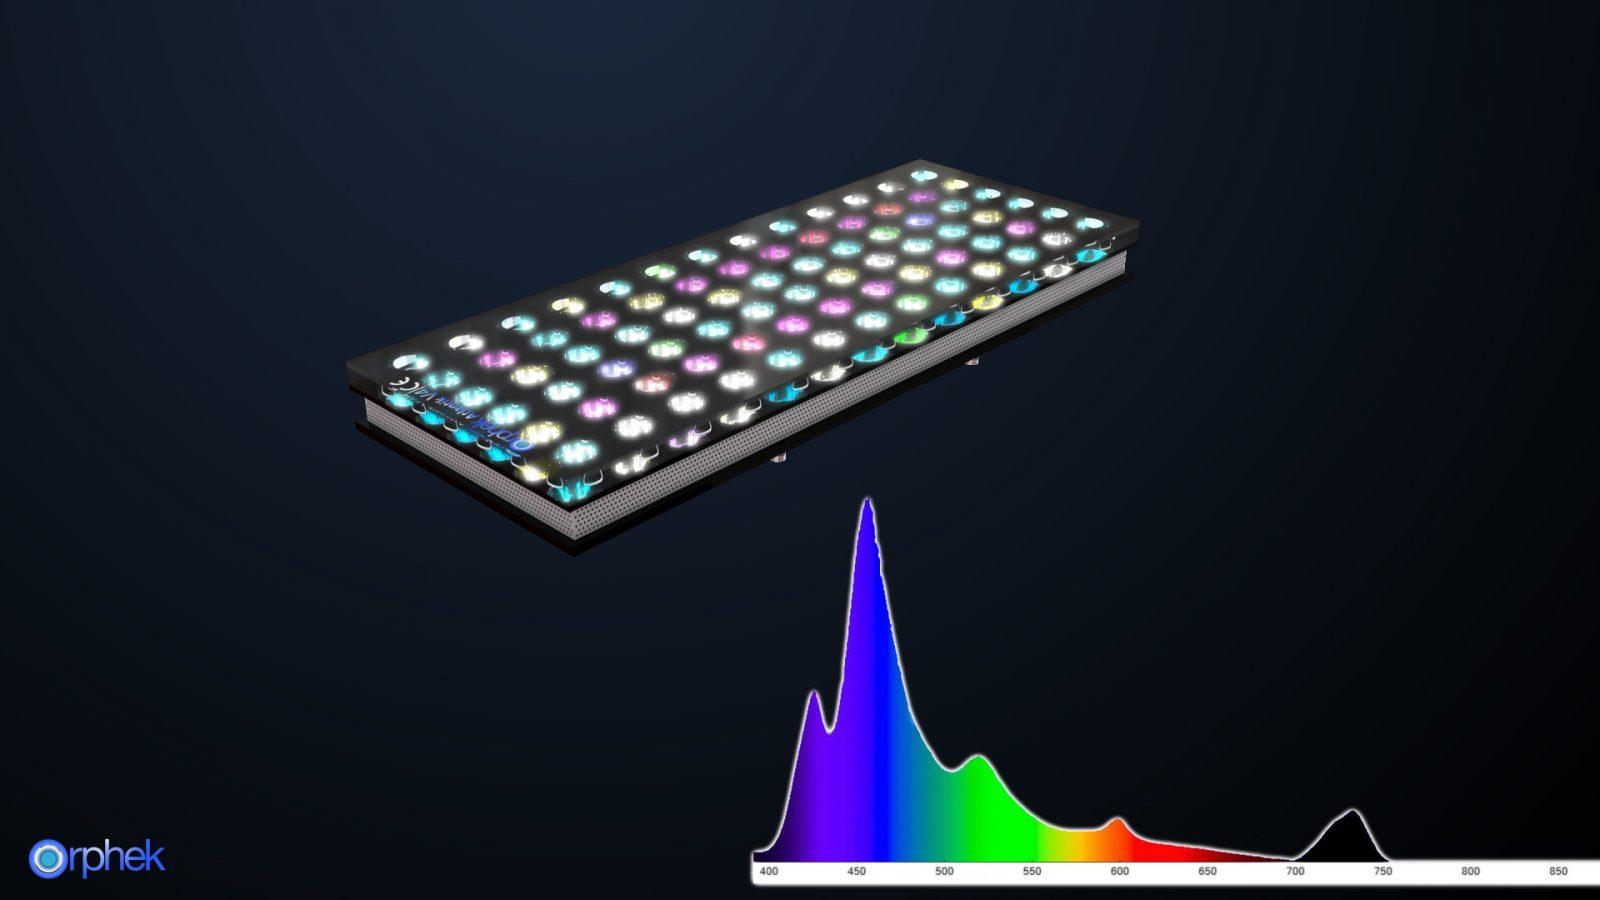 Orphek_atlantik-v4-spectrum